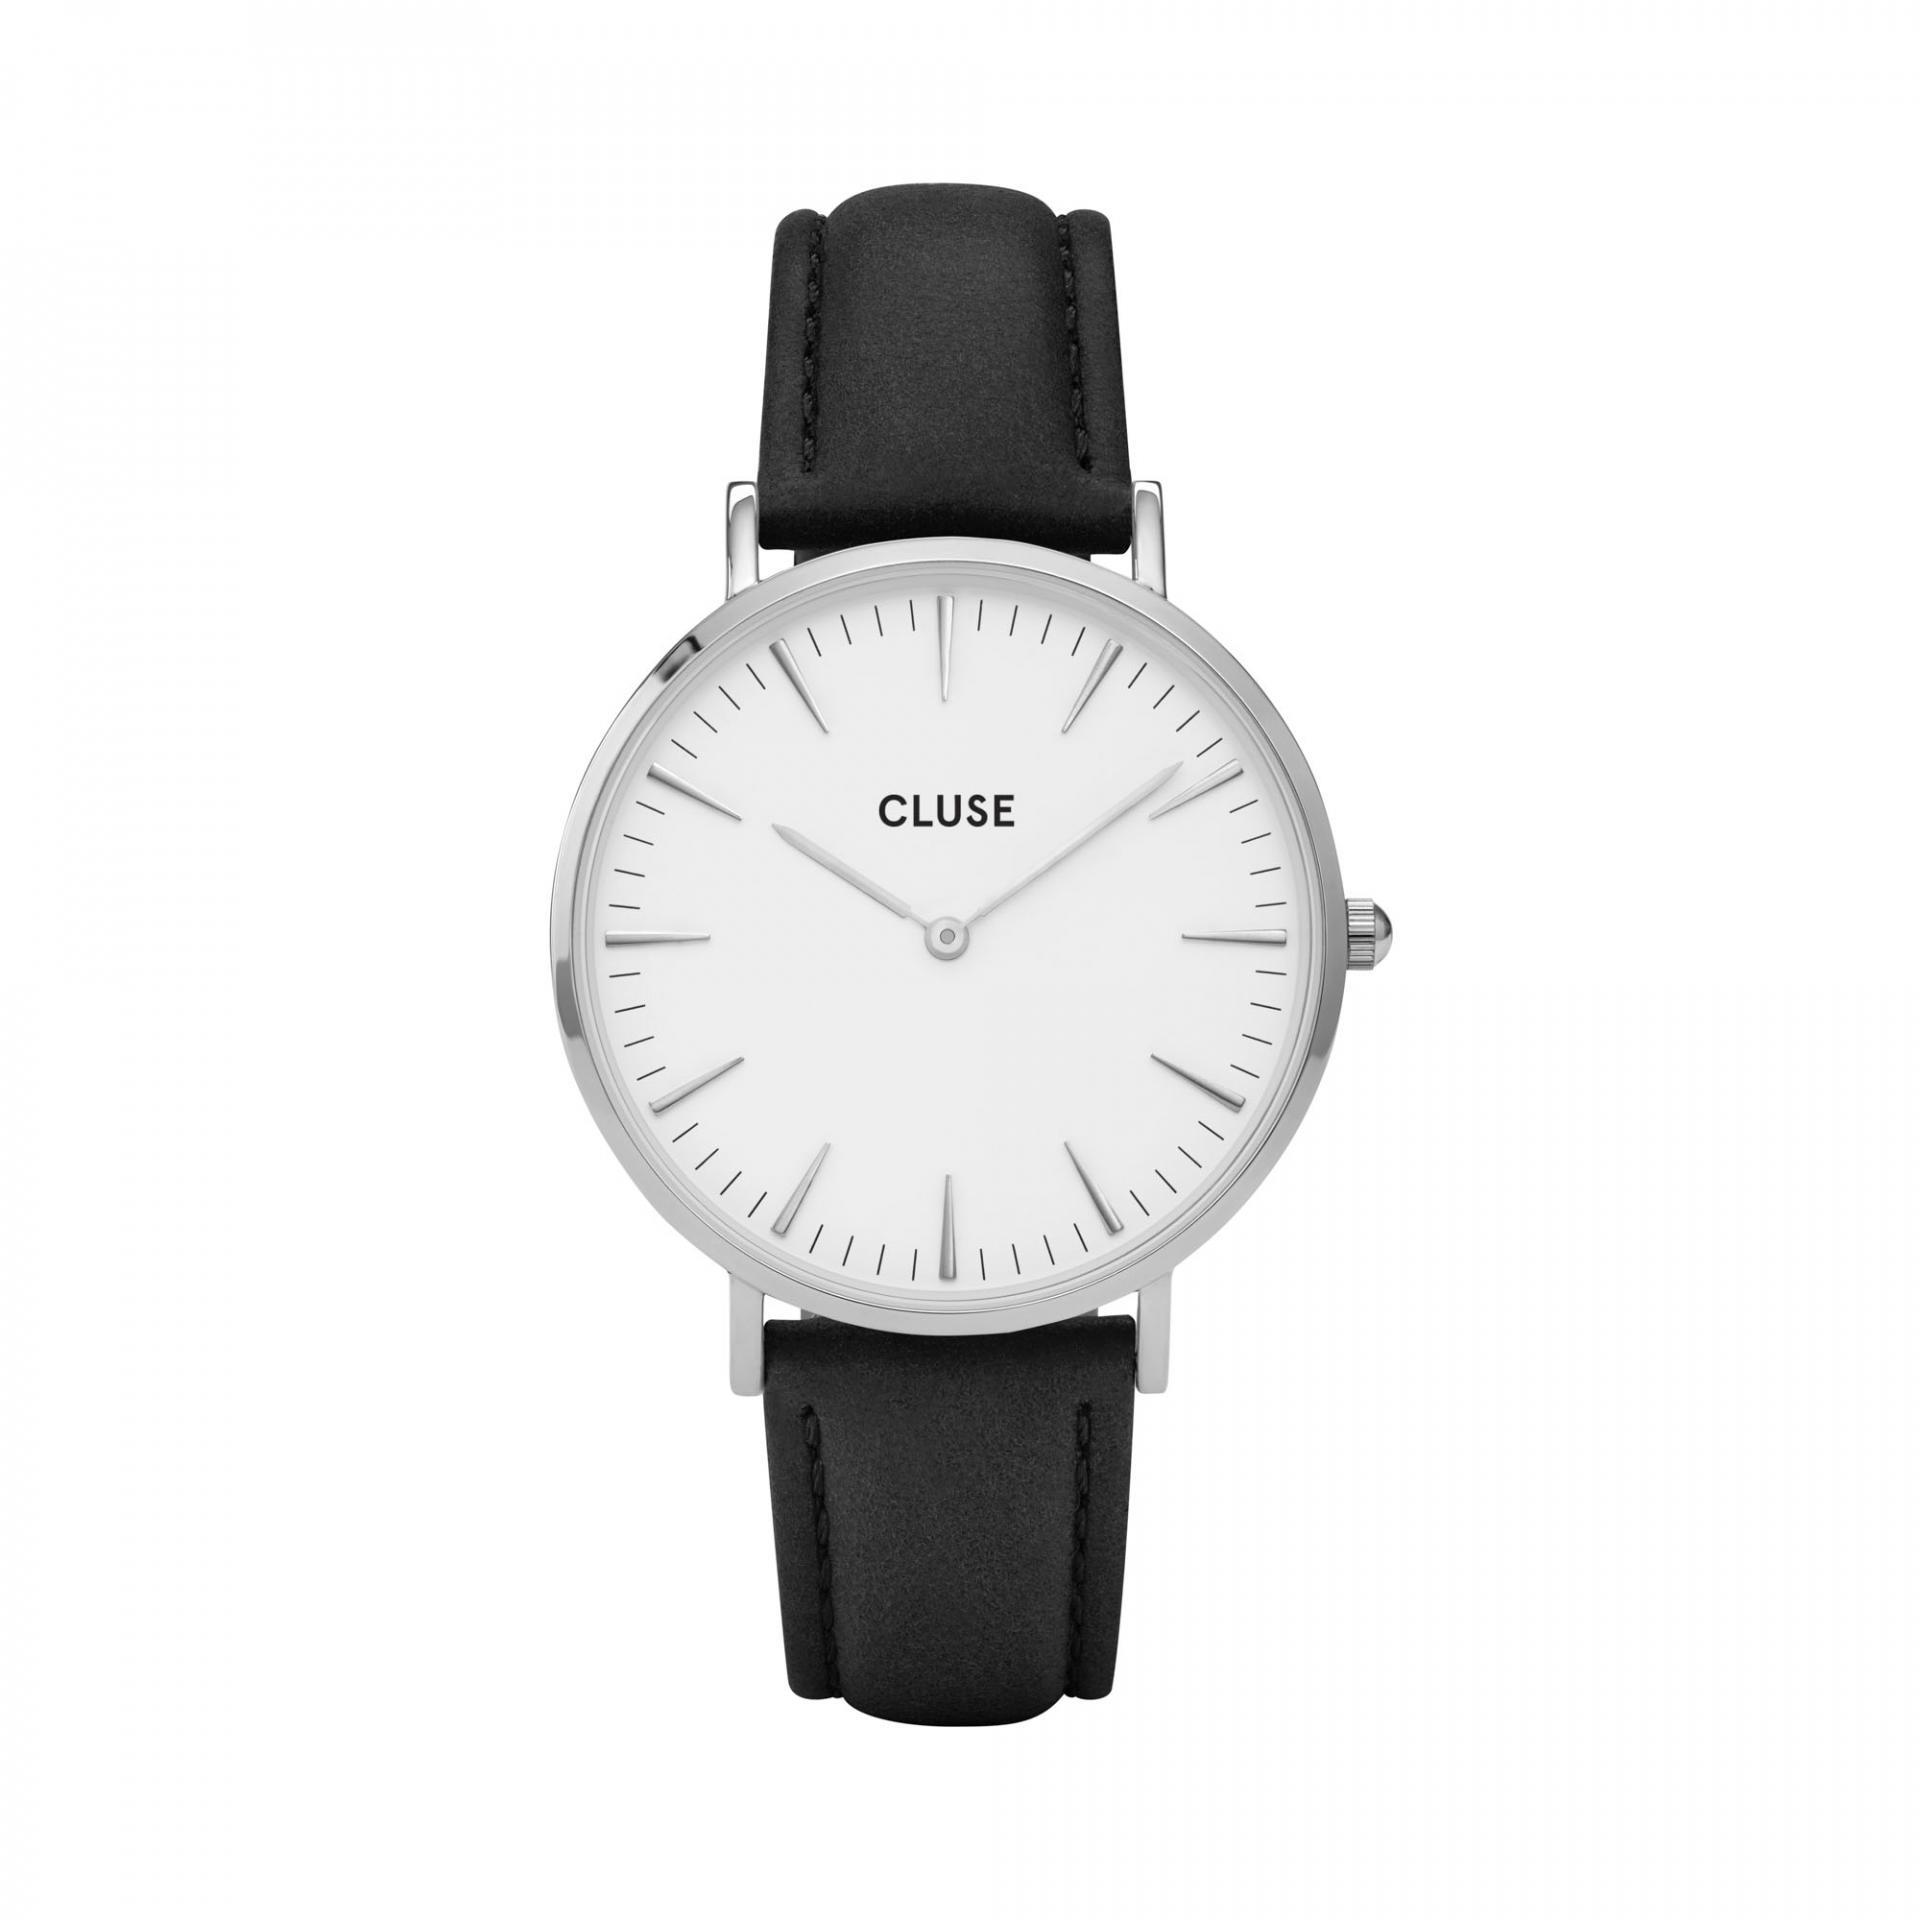 CLUSE Hodinky Cluse La Bohéme Silver white/black, černá barva, bílá barva, sklo, kov, kůže